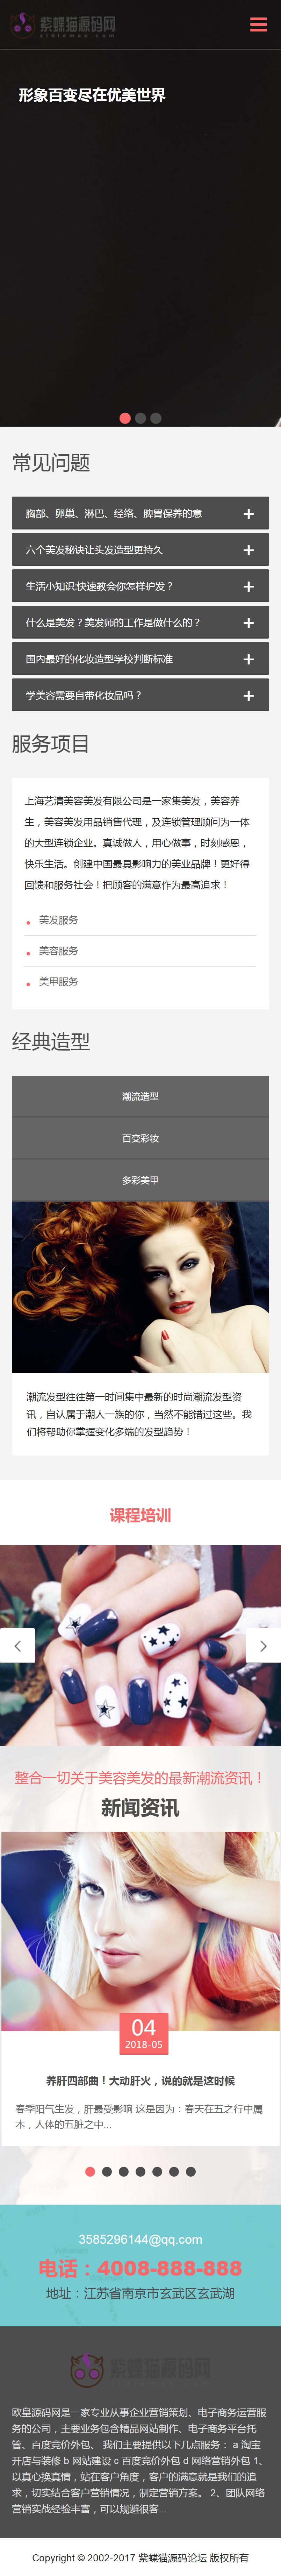 美容美发网站模板